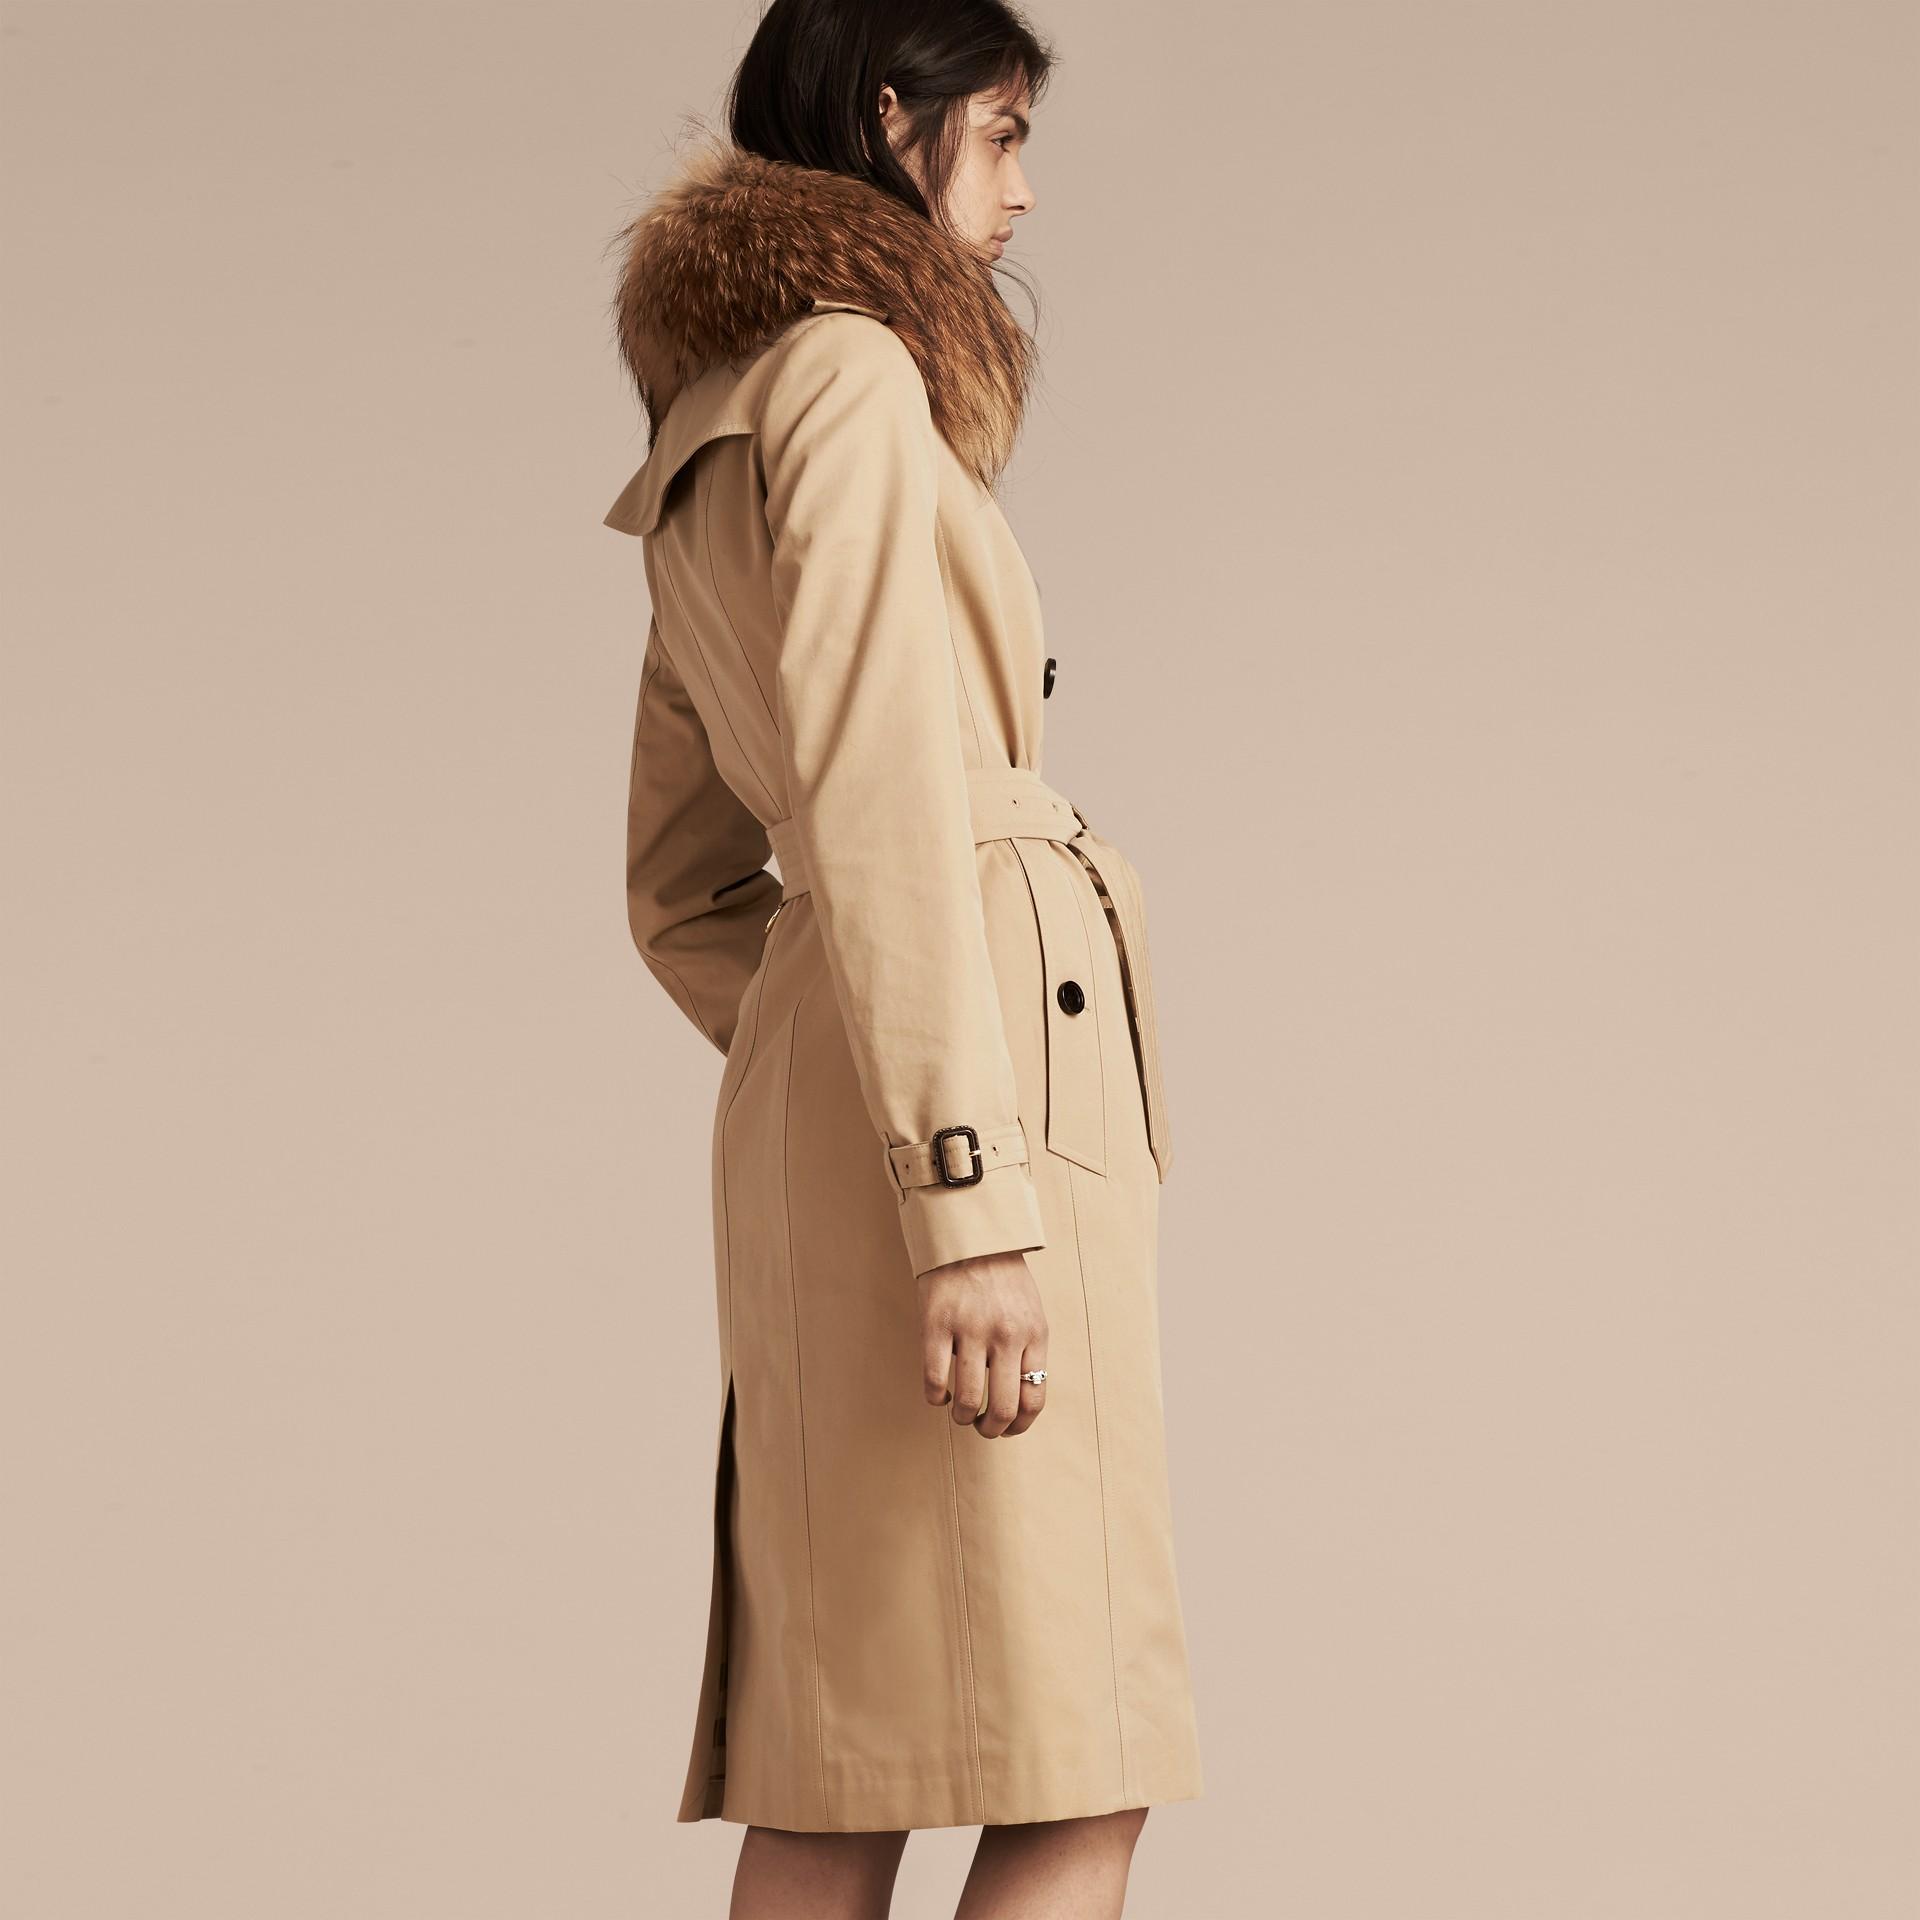 Miel Trench-coat en gabardine de coton avec col amovible en fourrure de raton laveur - photo de la galerie 3